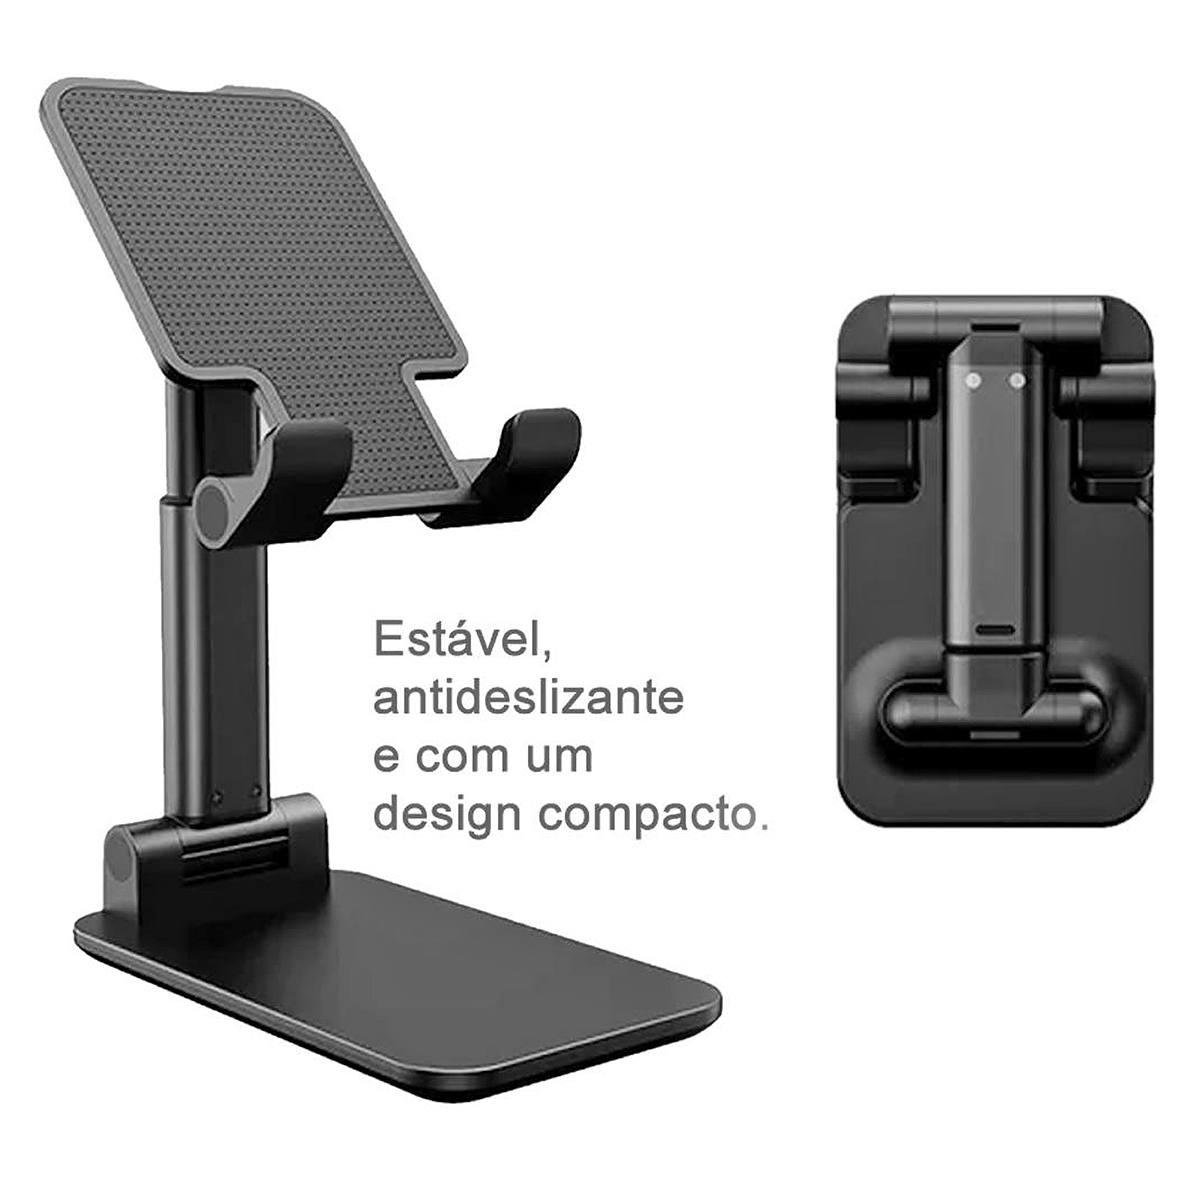 Suporte para Celular Altura e Inclinação Ajustável Posição Horizontal ou Vertical de Mesa Kimaster SU125 Preto